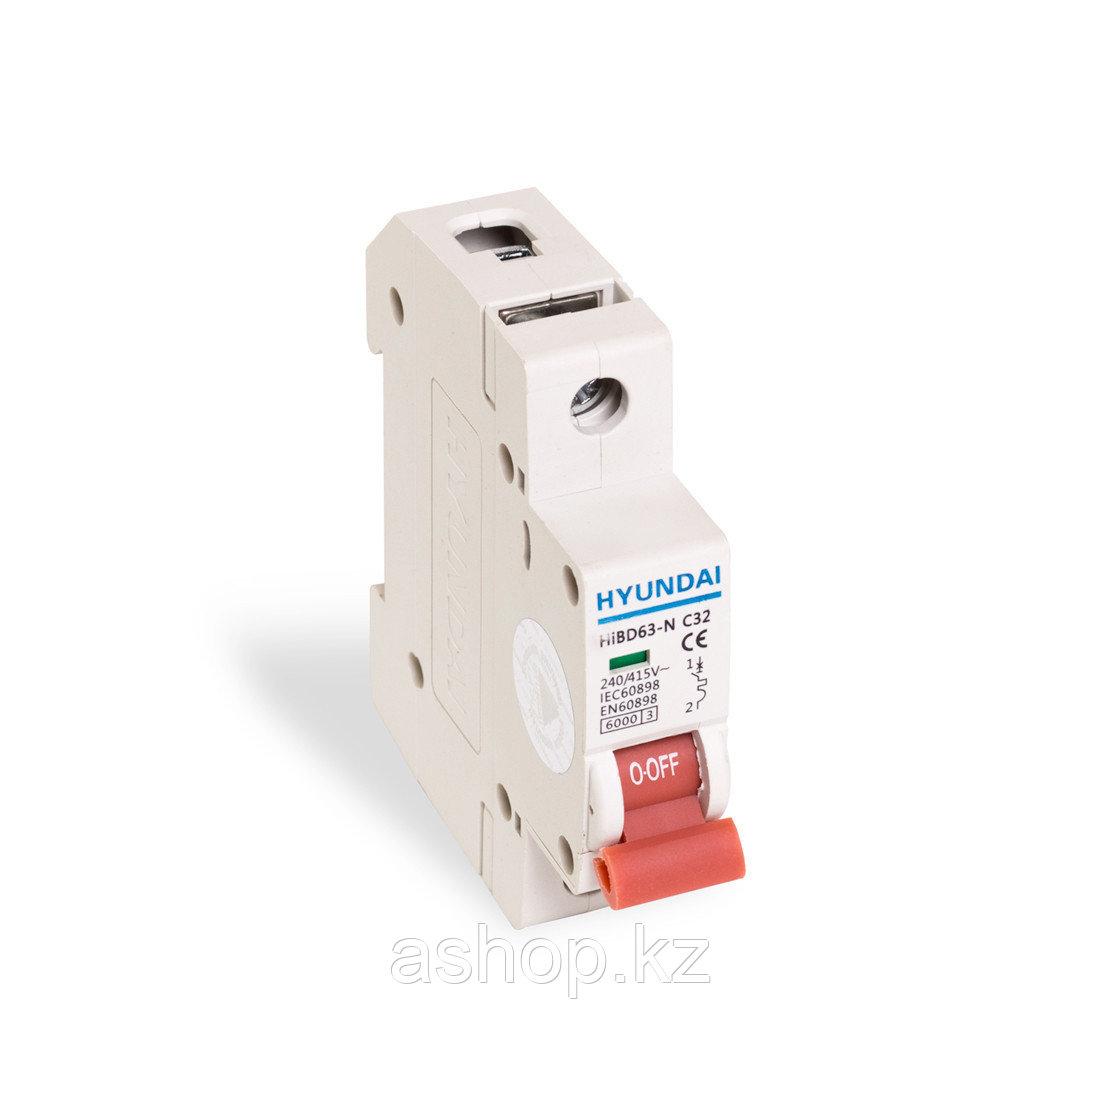 Автоматический выключатель реечный Hyundai HiBD63-N 1P 16А, 230/400 В, Кол-во полюсов: 1, Предел отключения: 6